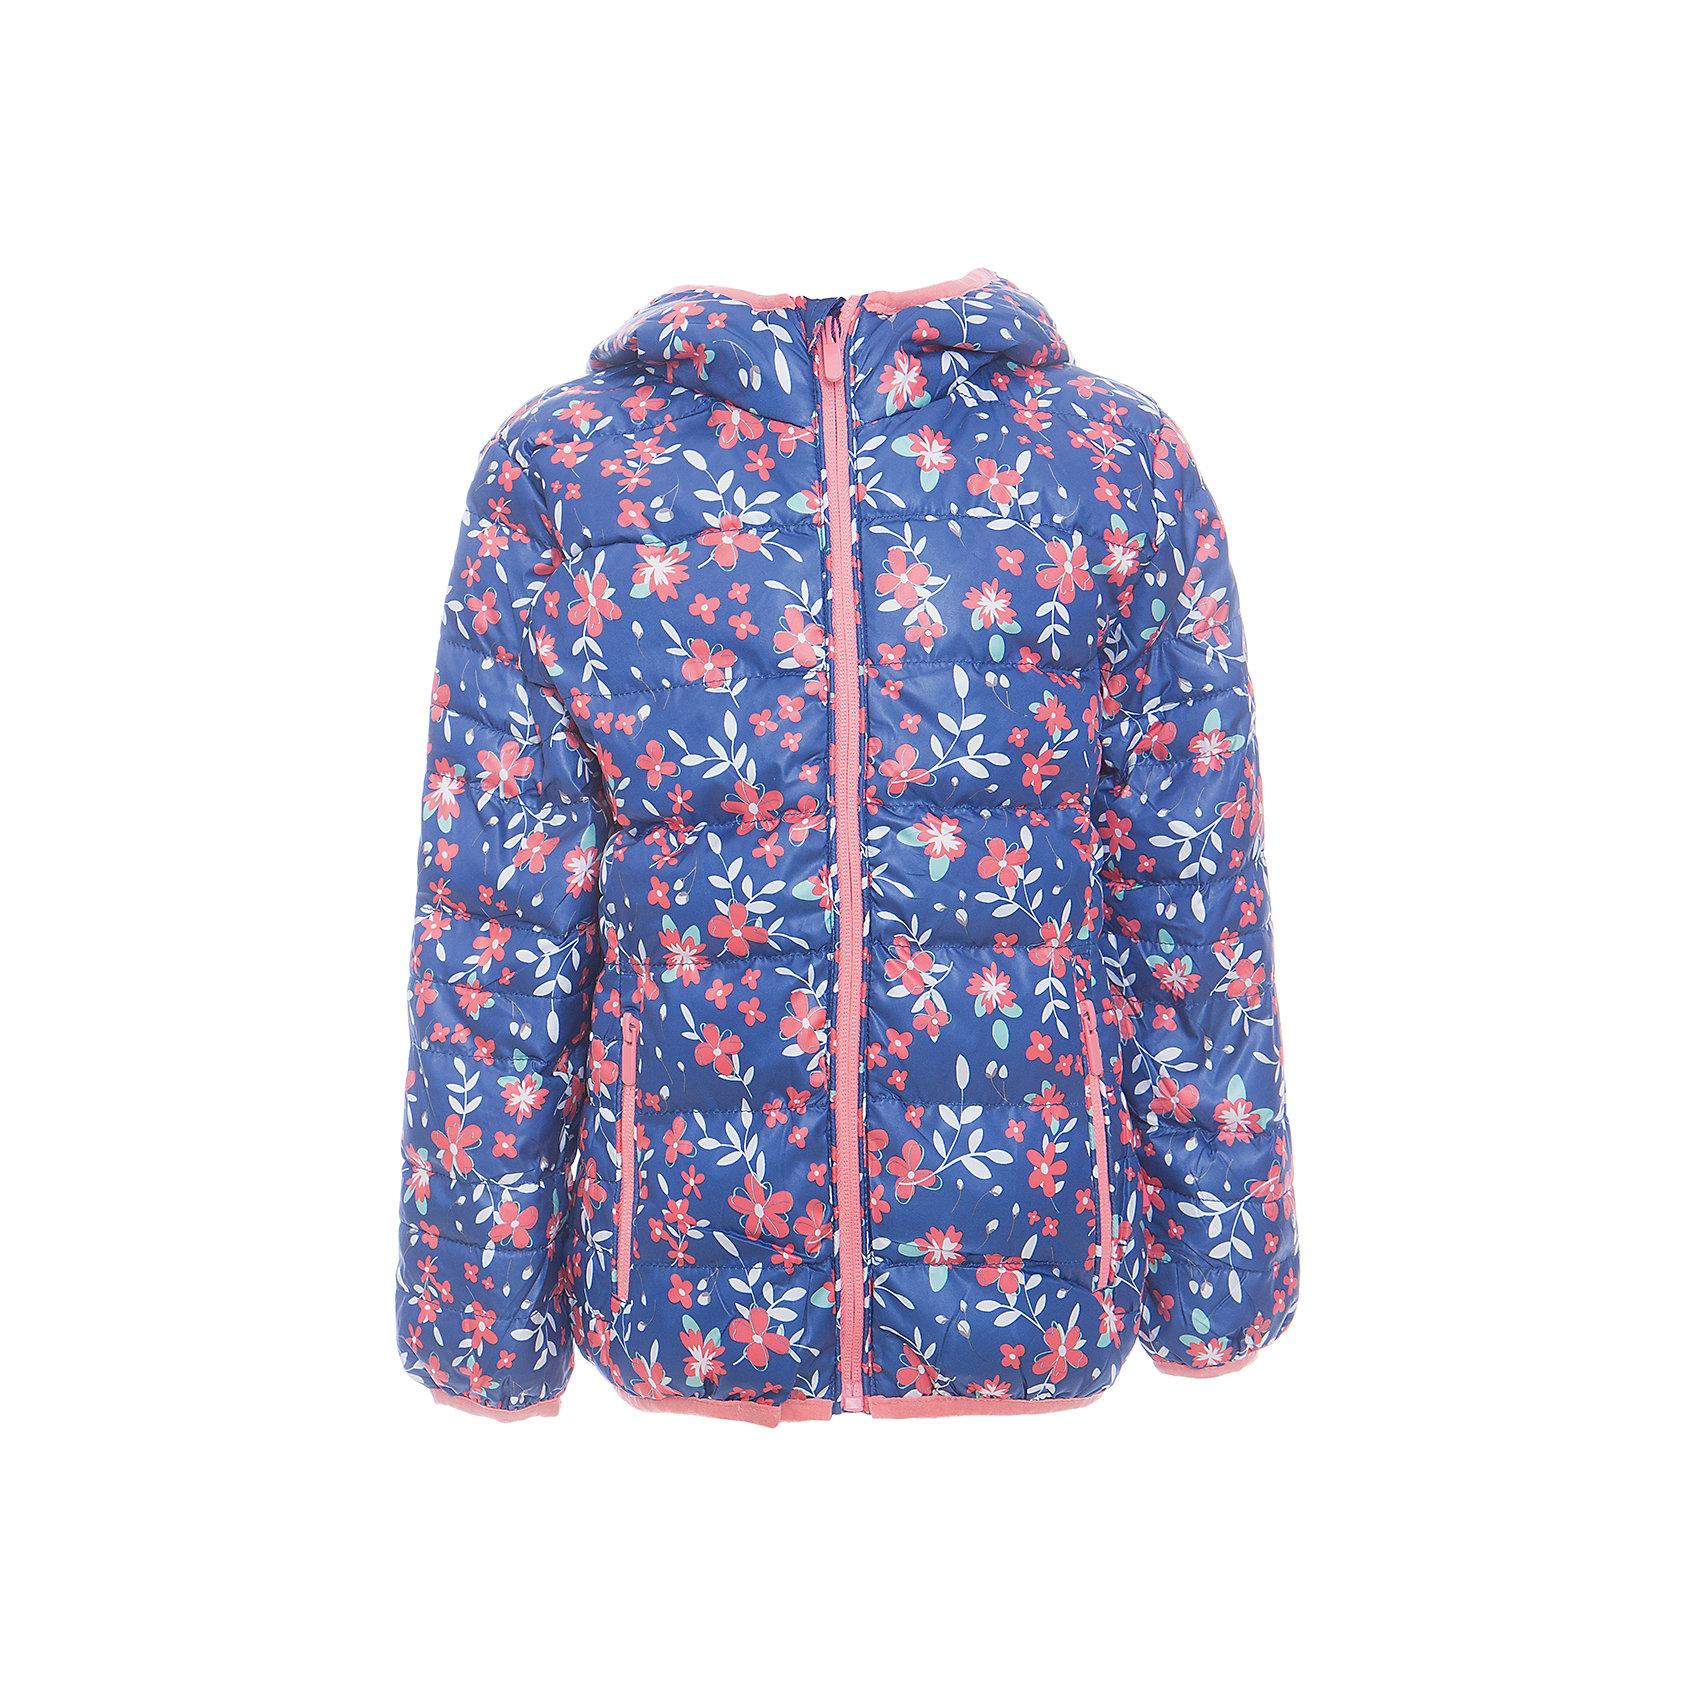 Куртка для девочки Sweet BerryВерхняя одежда<br>Утепленная, стеганая куртка с цветочным принтом для девочки. Цельнокроеный капюшон, два прорезных карманы на молнии. Капюшон и  рукава оформлены контрастной окантовочной резинкой.<br>Состав:<br>Верх: 100%полиэстер. Подкладка: 65%хлопок 35%полиэстер. Наполнитель: 100%полиэстер<br><br>Ширина мм: 356<br>Глубина мм: 10<br>Высота мм: 245<br>Вес г: 519<br>Цвет: синий<br>Возраст от месяцев: 36<br>Возраст до месяцев: 48<br>Пол: Женский<br>Возраст: Детский<br>Размер: 104,98,110,116,122,128<br>SKU: 5412191